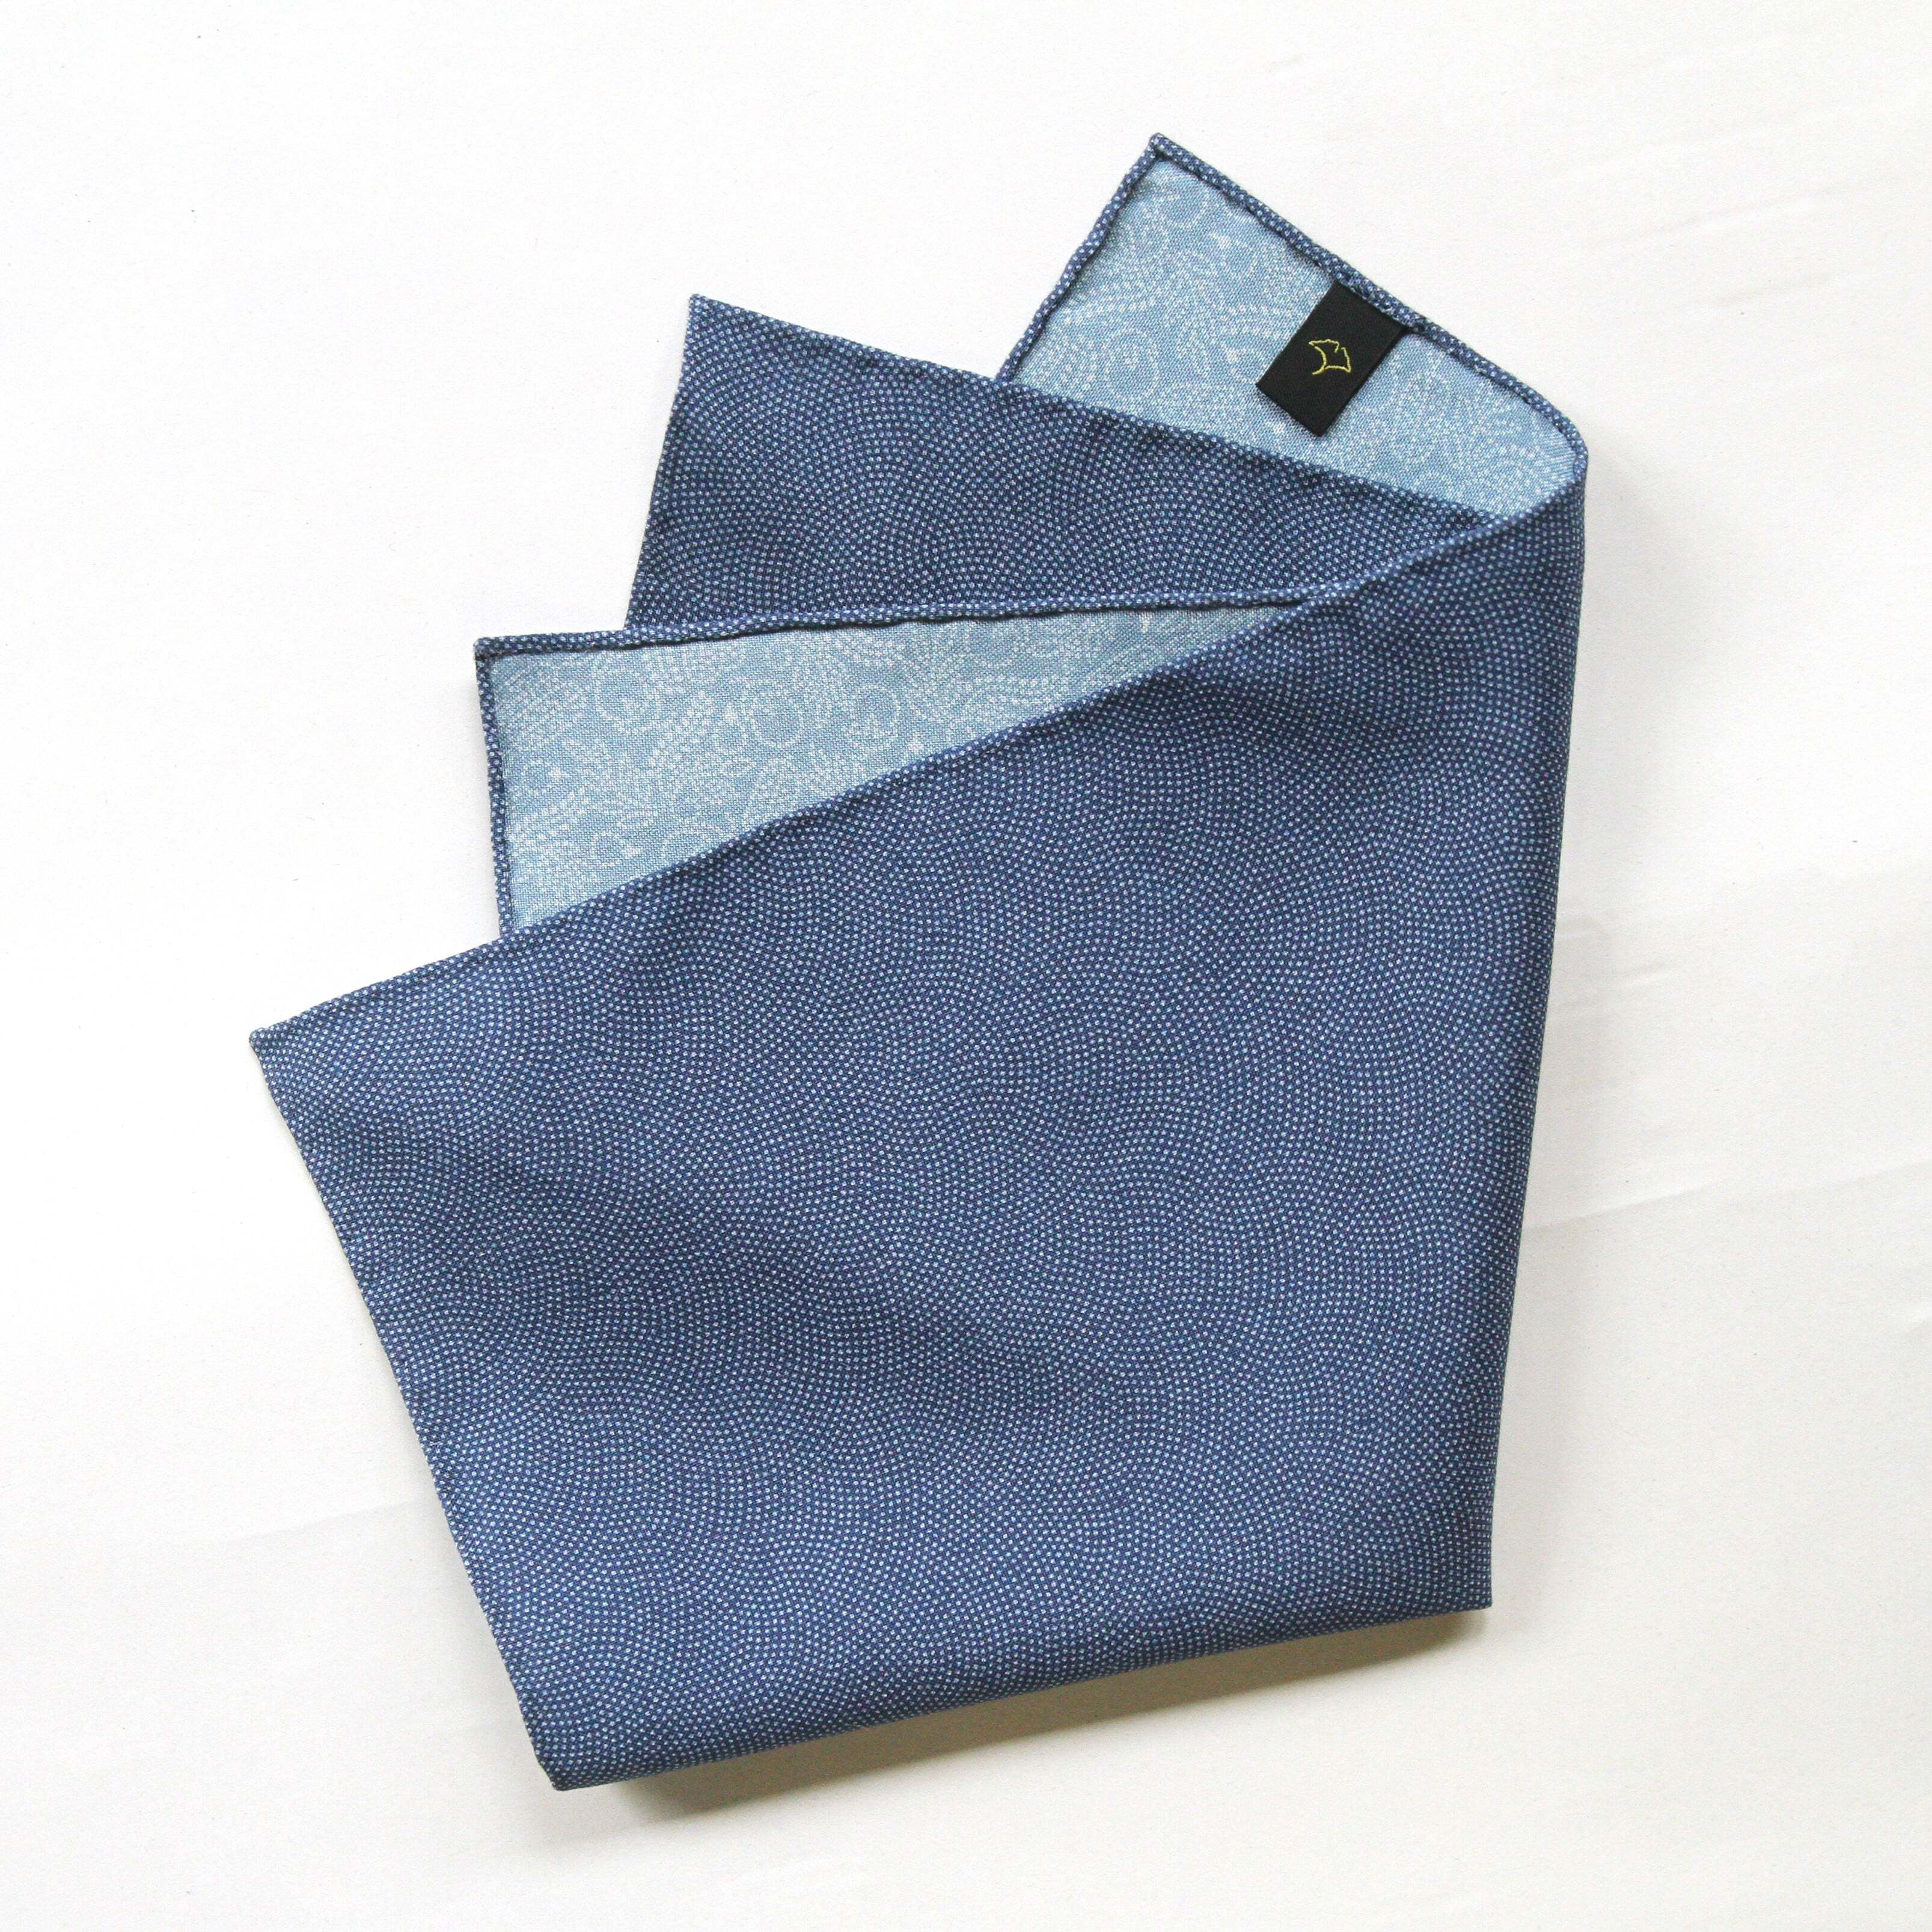 ポケットチーフ〈 鮫と一富士二鷹三茄子・瑠璃紺色と薄水色 〉